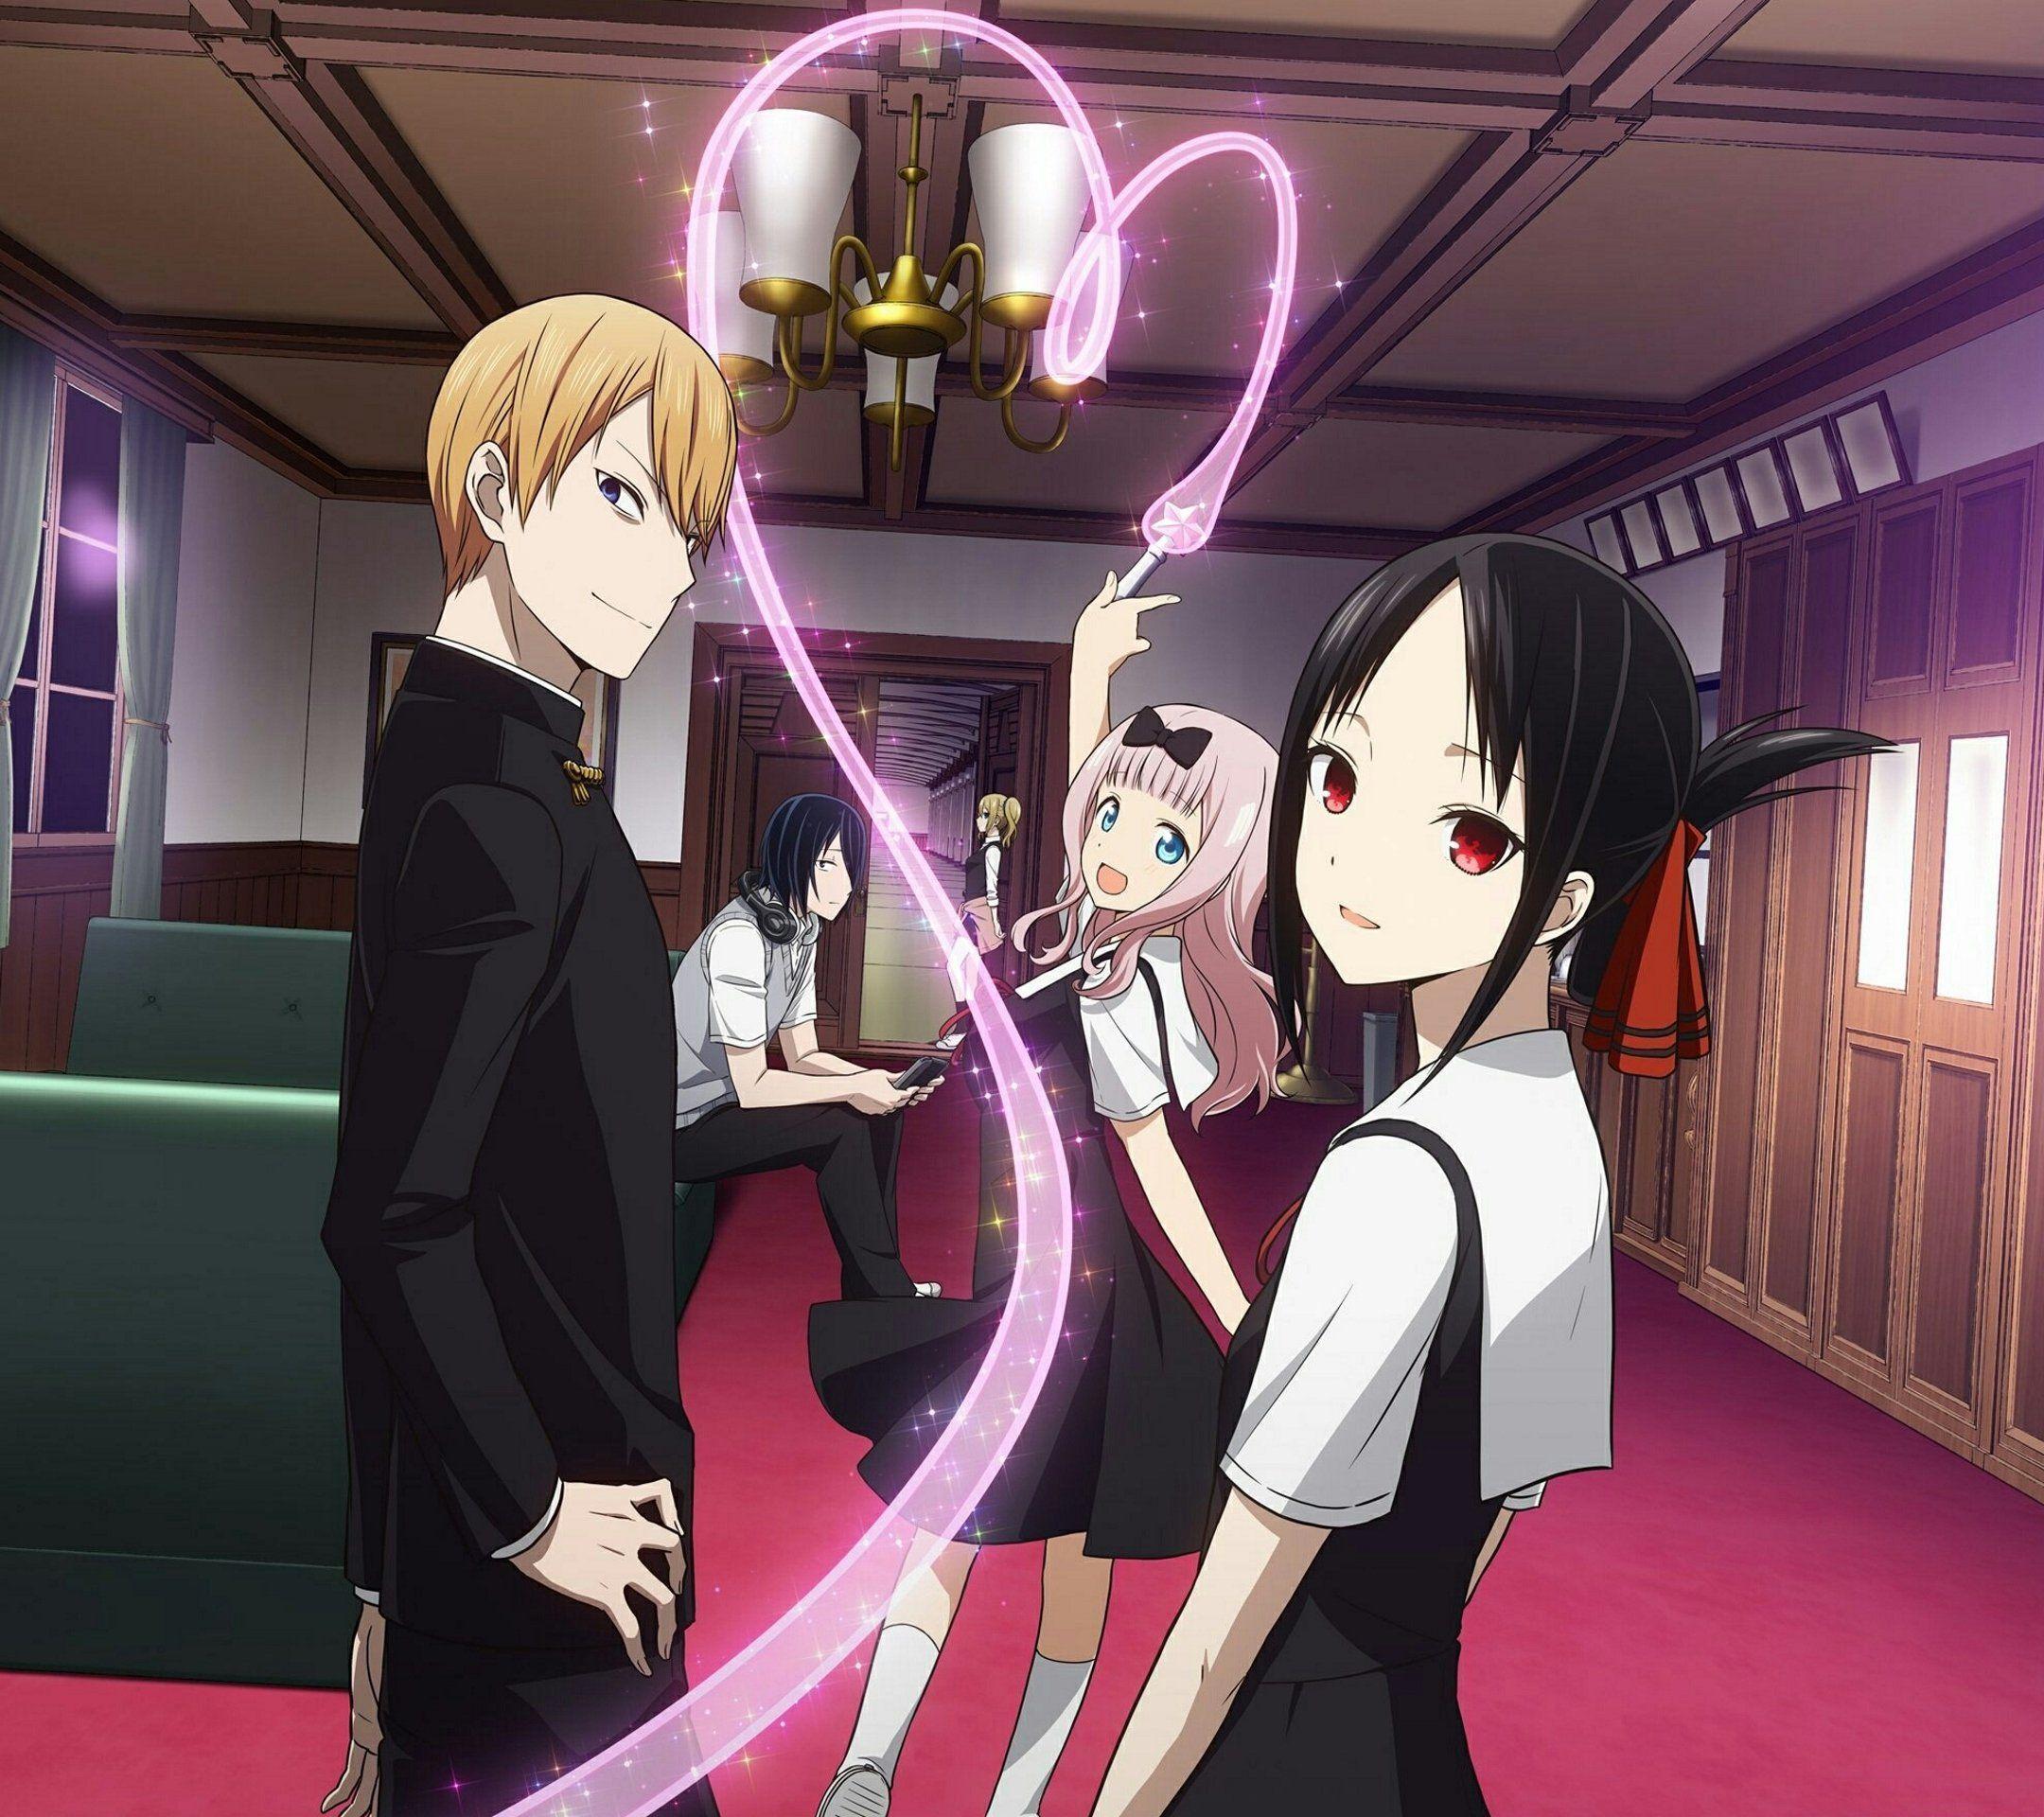 Kaguya-sama: Love Is War Wallpapers - Top Free Kaguya-sama: Love ...